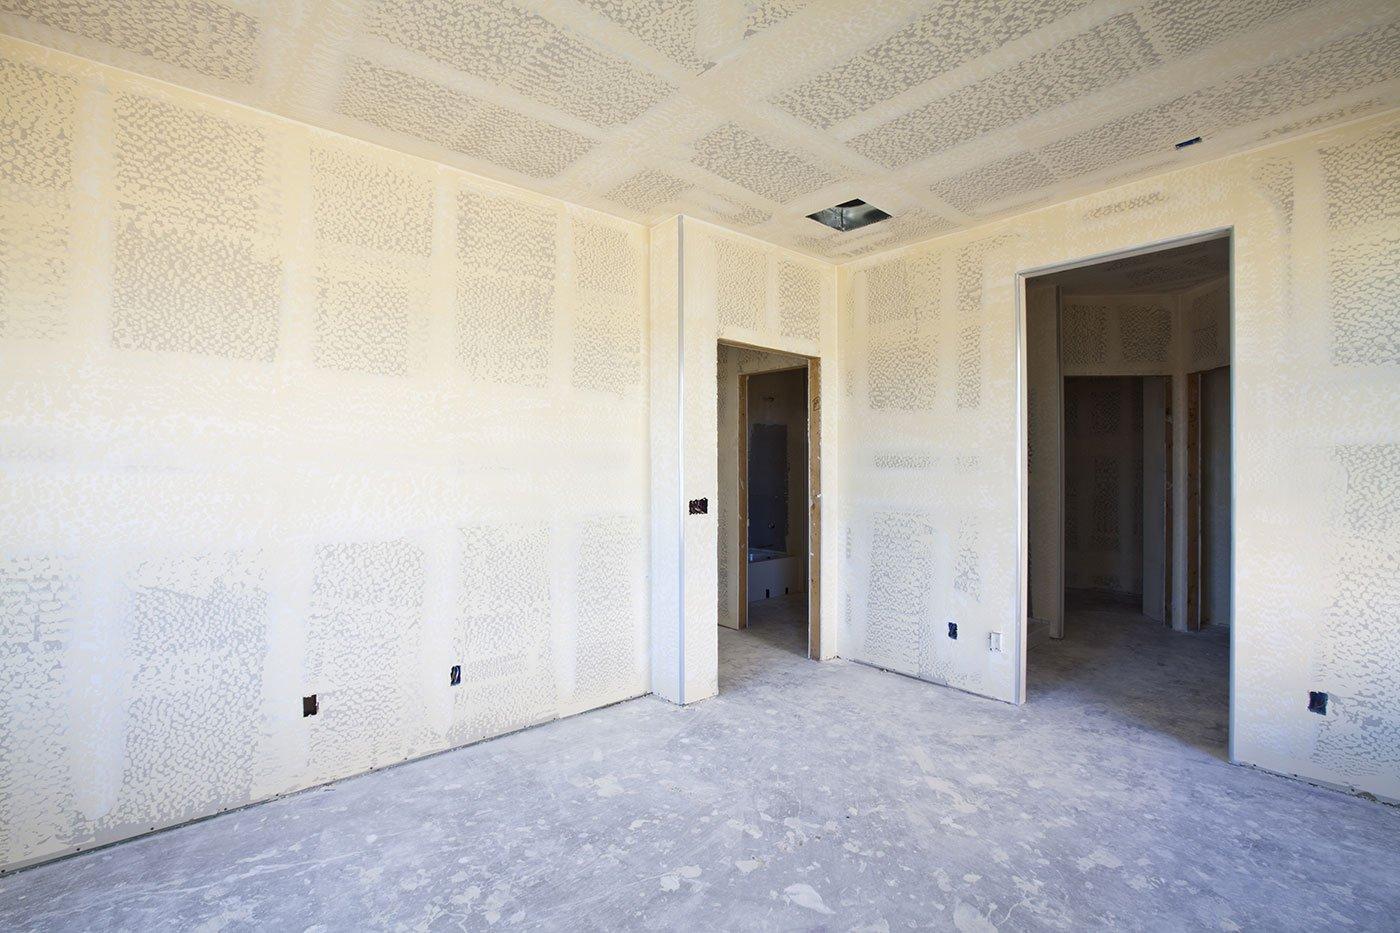 Interno di una stanza con pareti in cartongesso